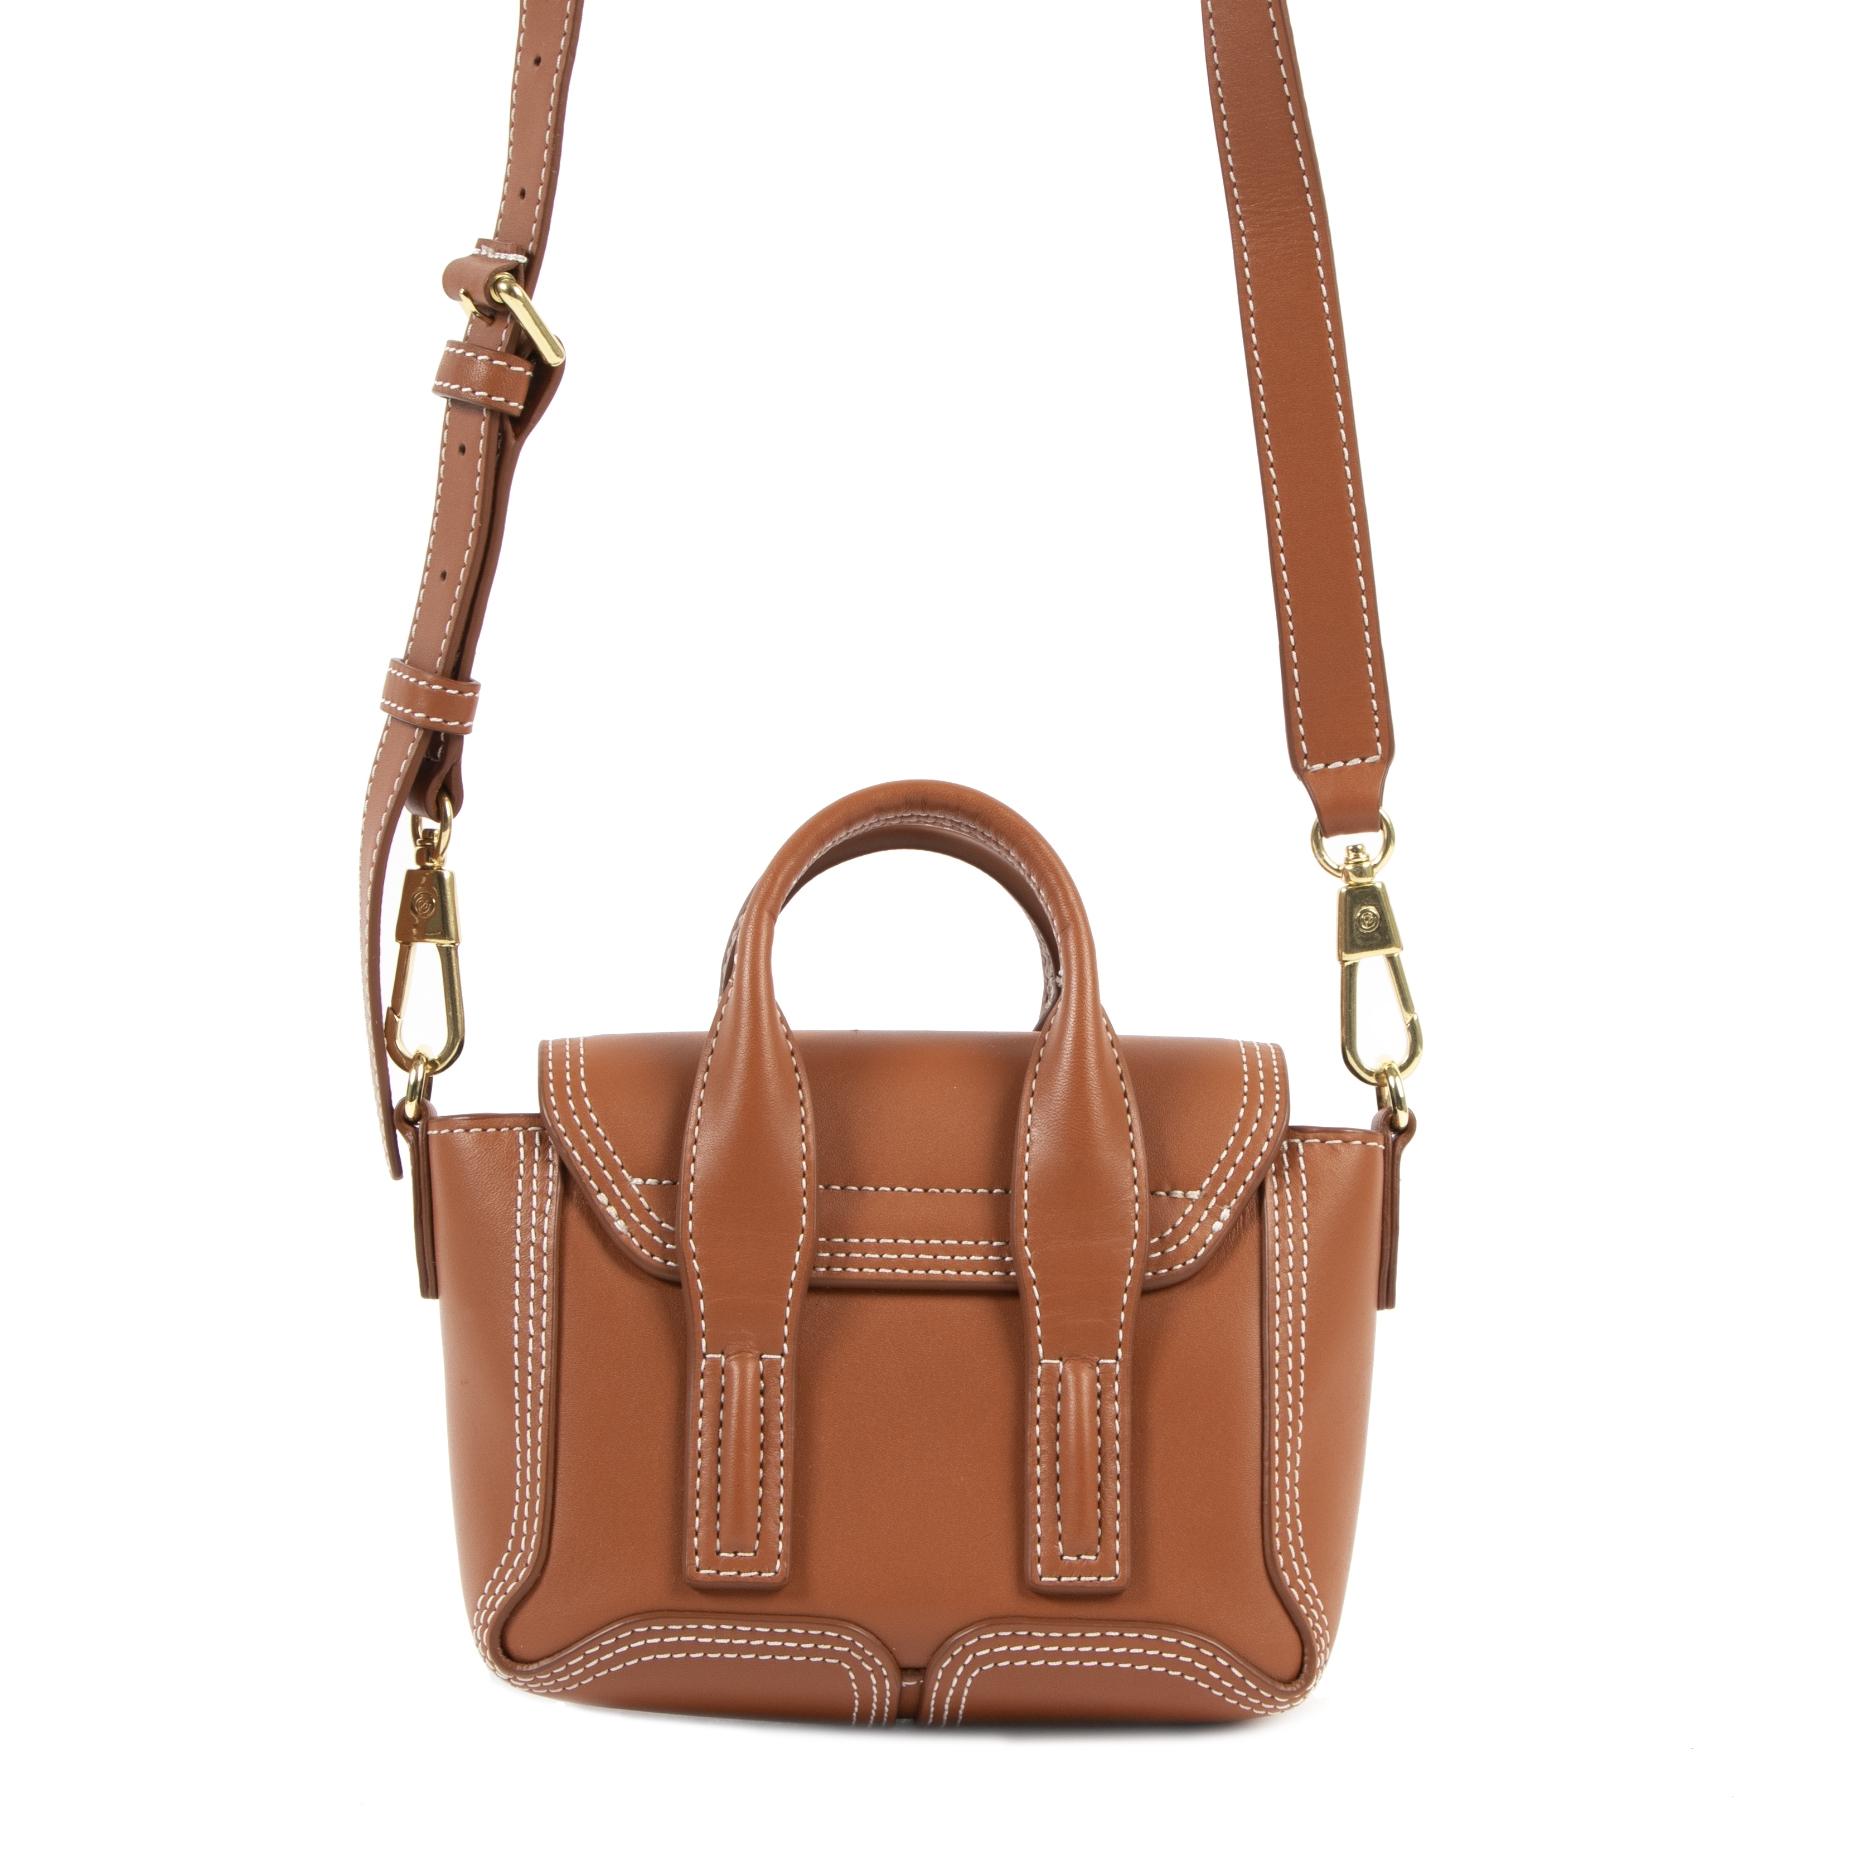 3.1 Phillip Lim Cognac Leather Mini Pashli